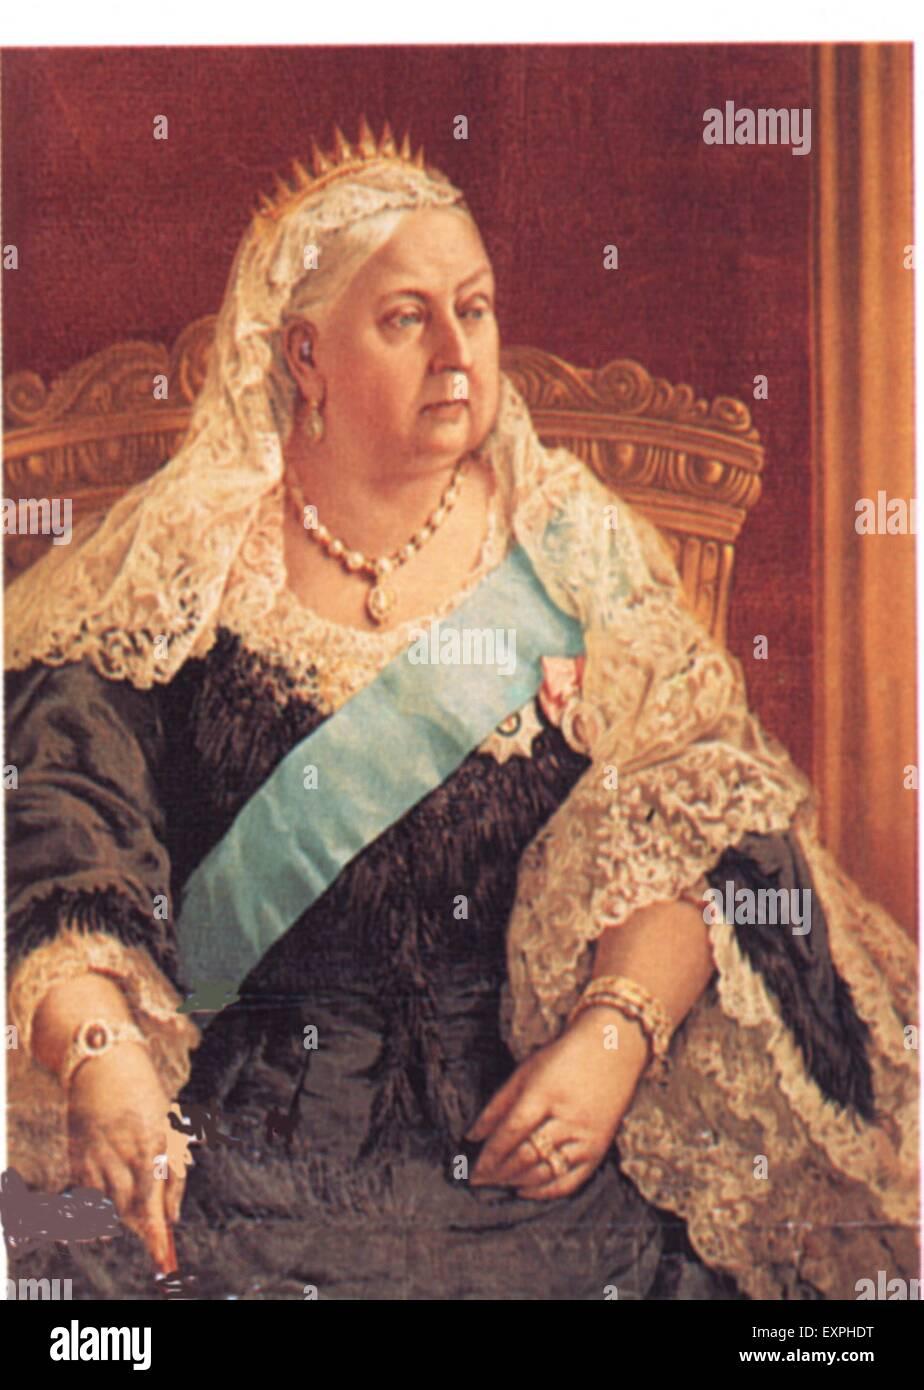 1900 La Reina Victoria del Reino Unido la placa del libro Imagen De Stock